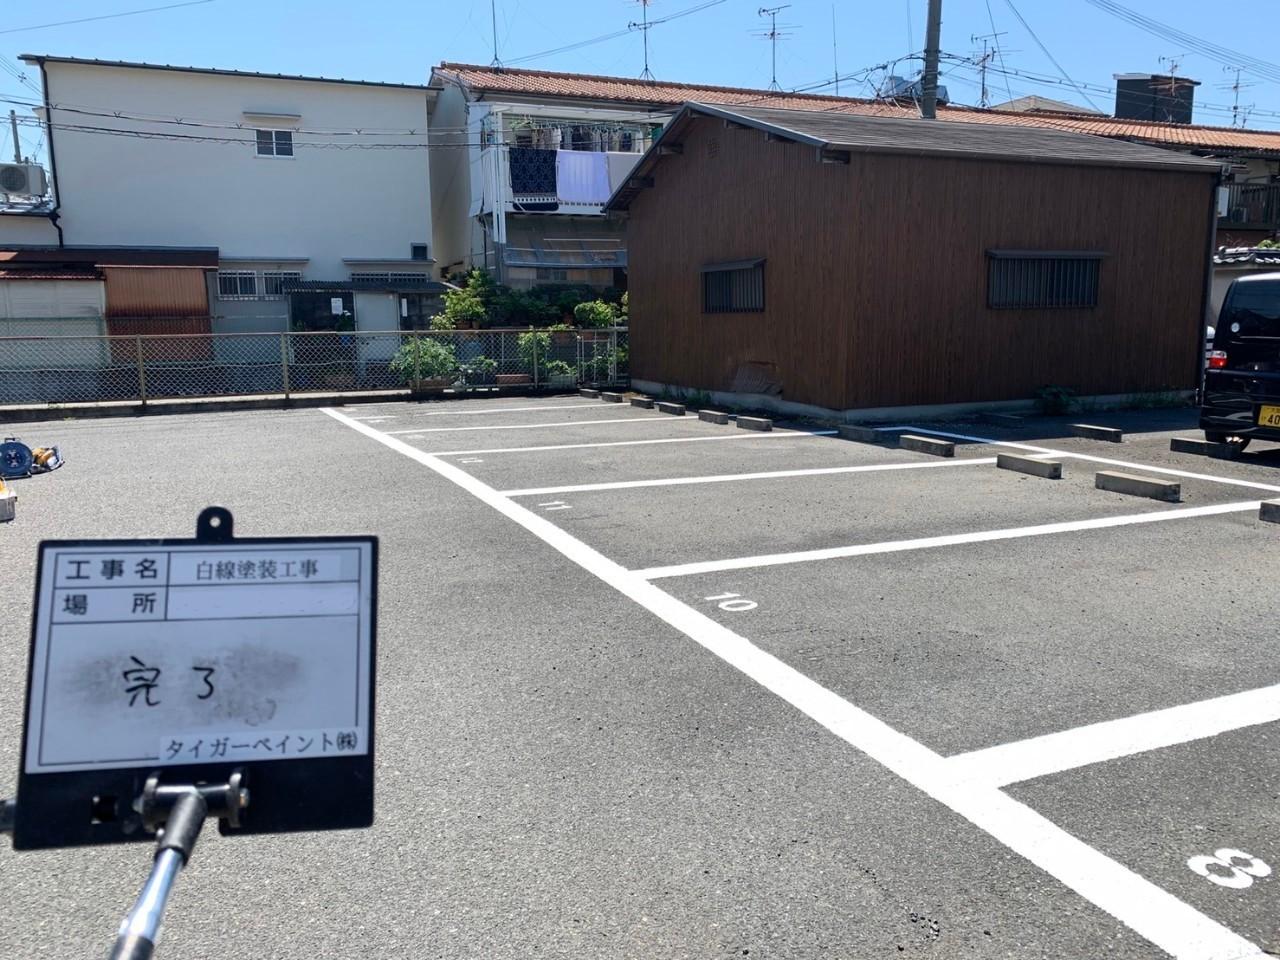 大阪府摂津市 駐車場 ライン塗装